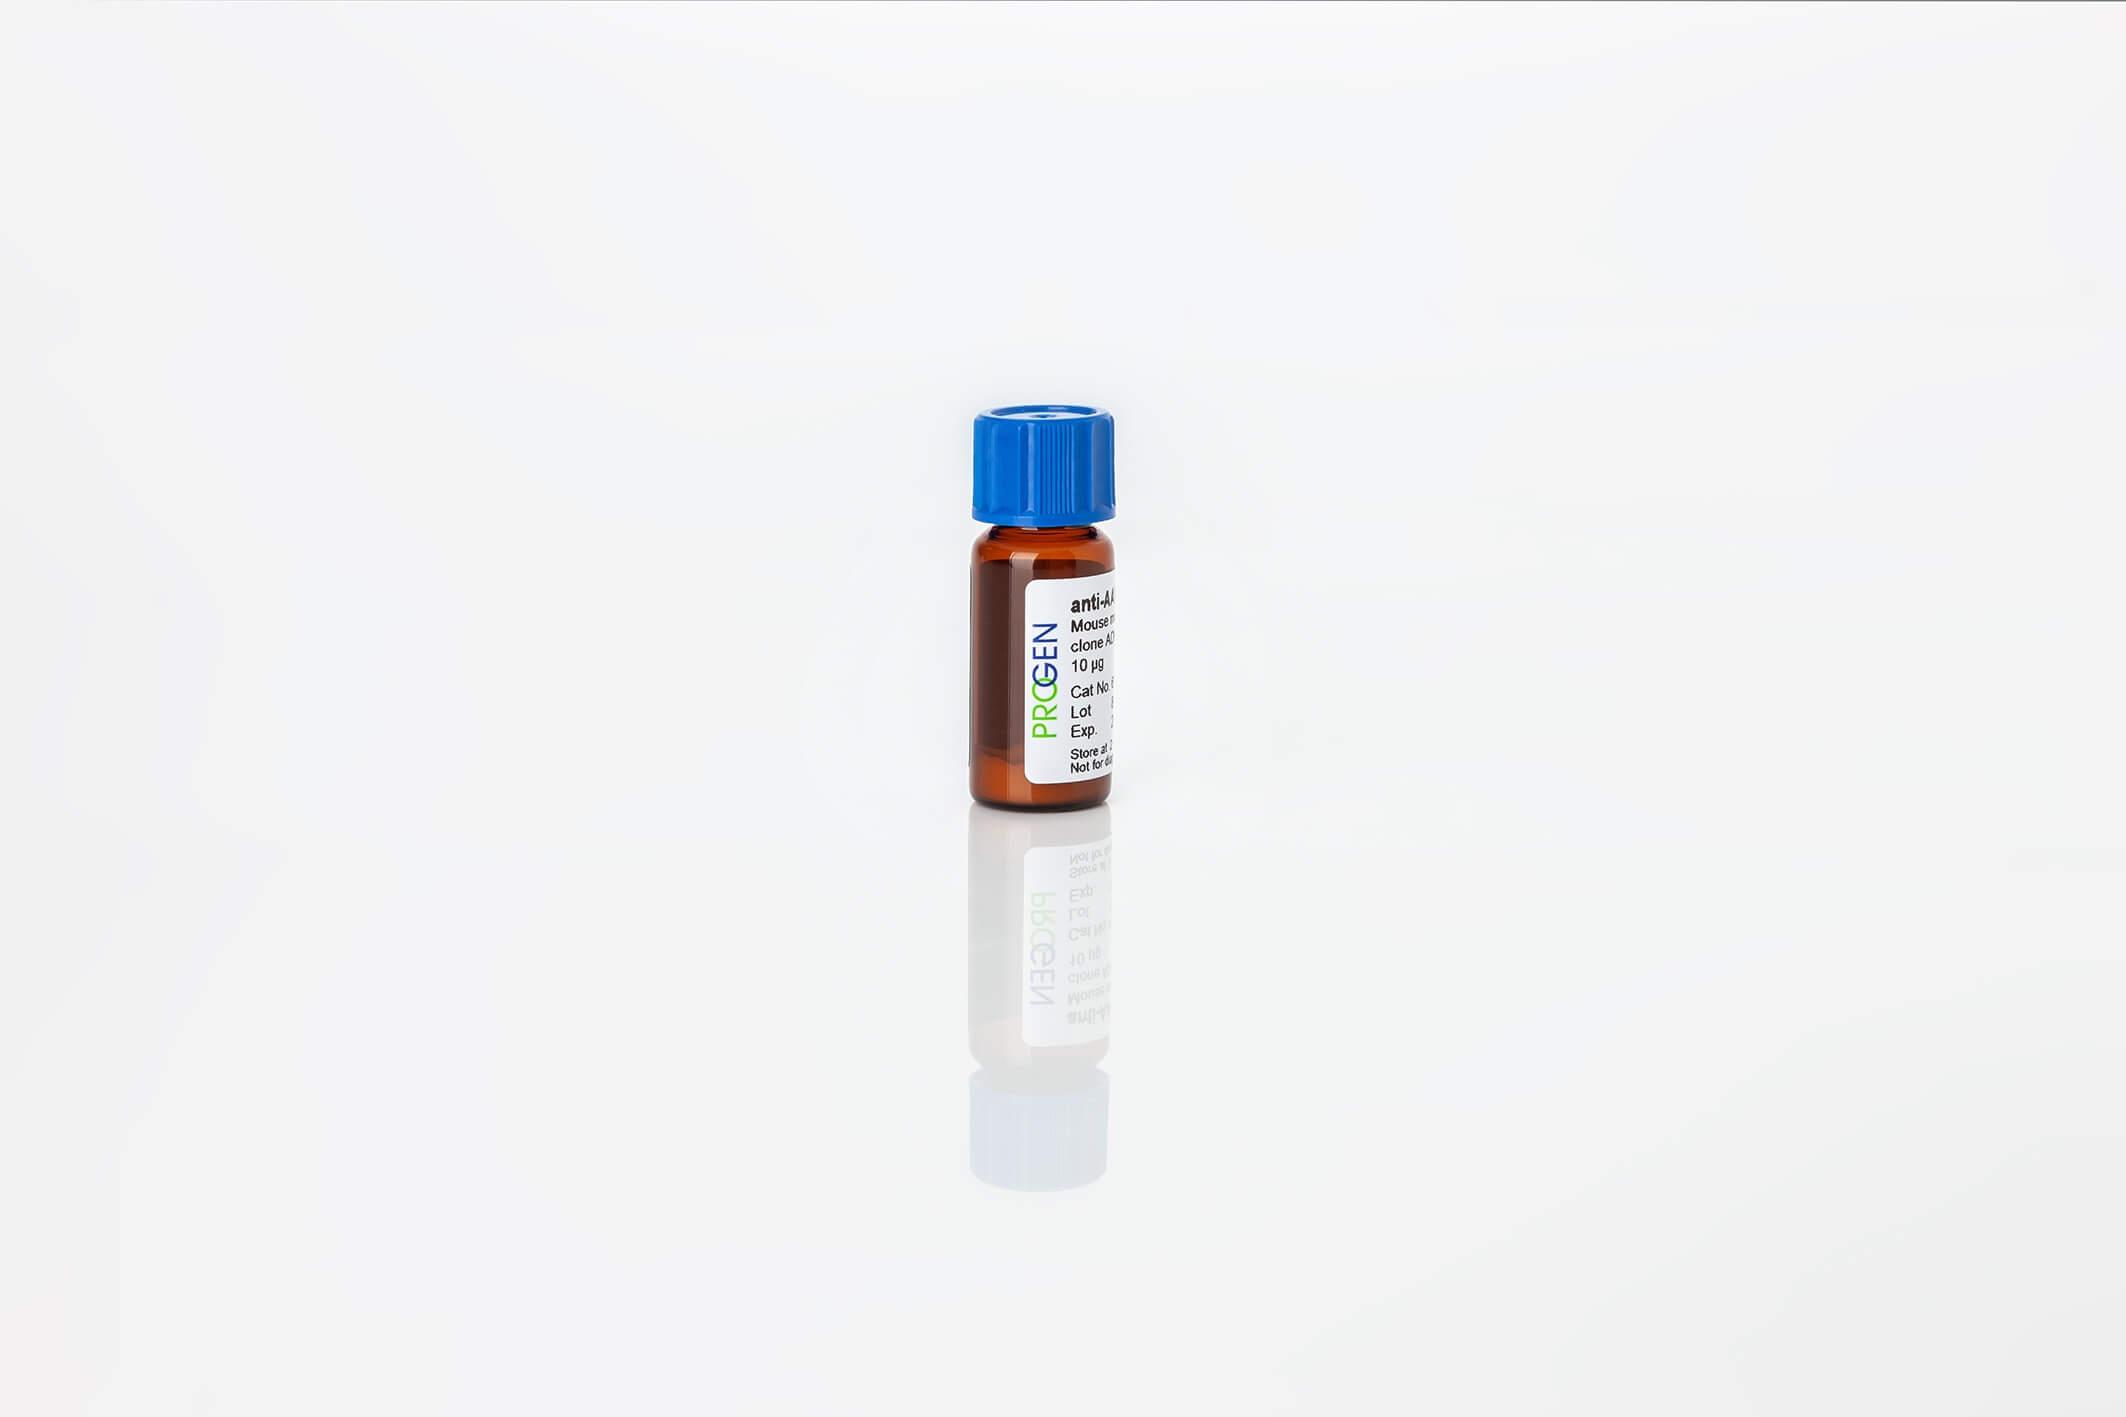 anti-Keratin K6 (N-terminus) guinea pig polyclonal, serum